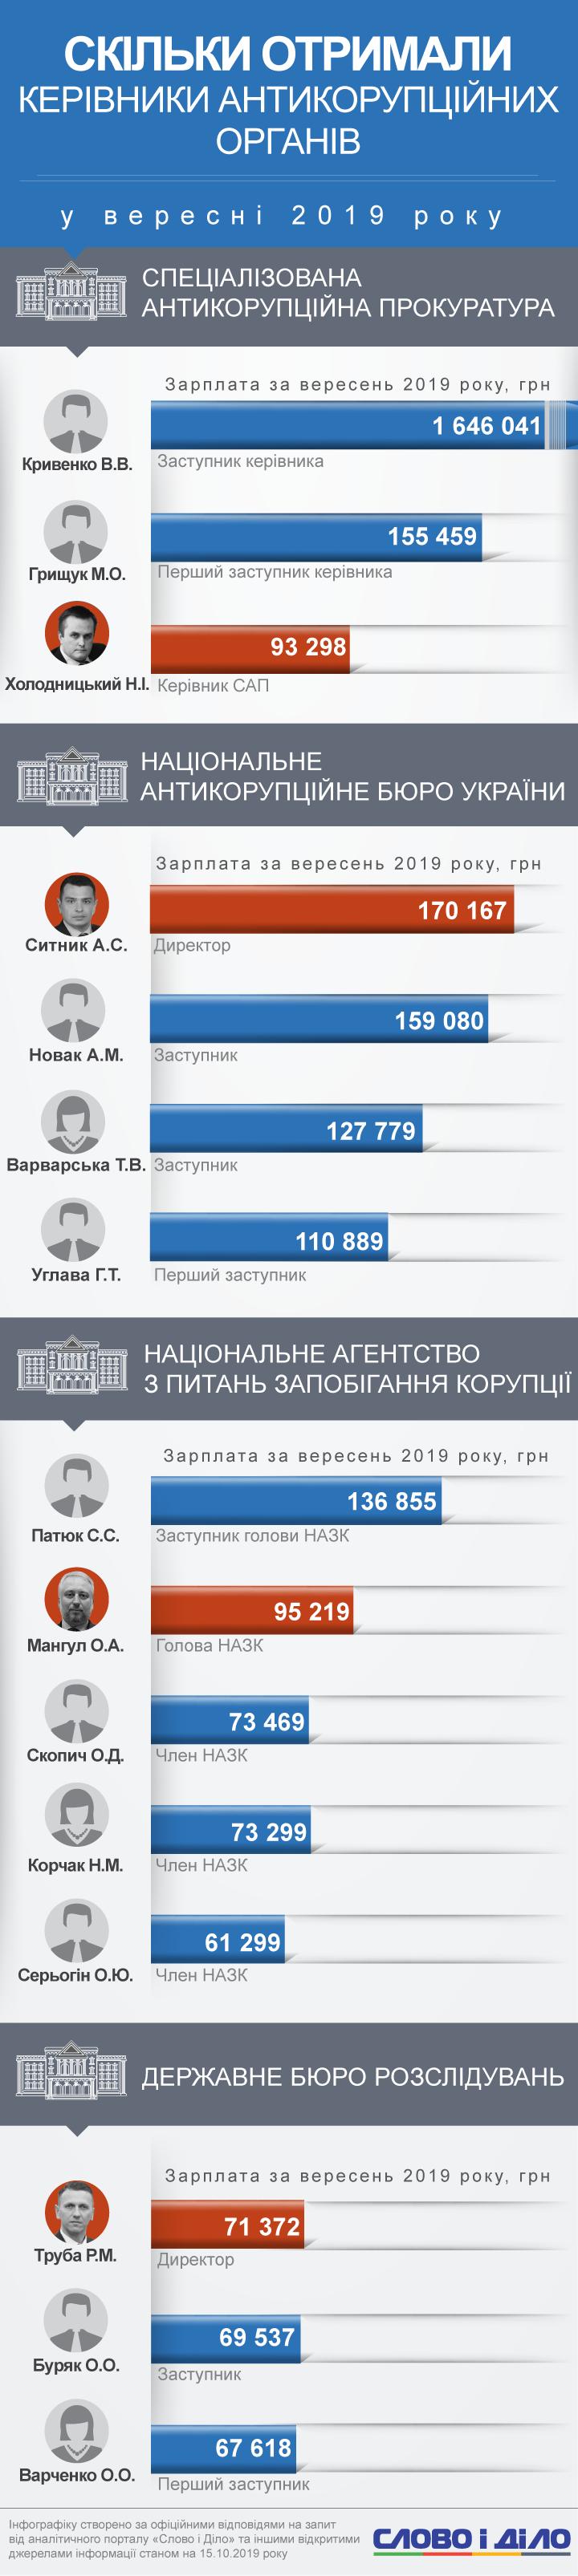 Скільки заробляють керівники антикорупційних органів в Україні. Слово і Діло це з'ясувало.